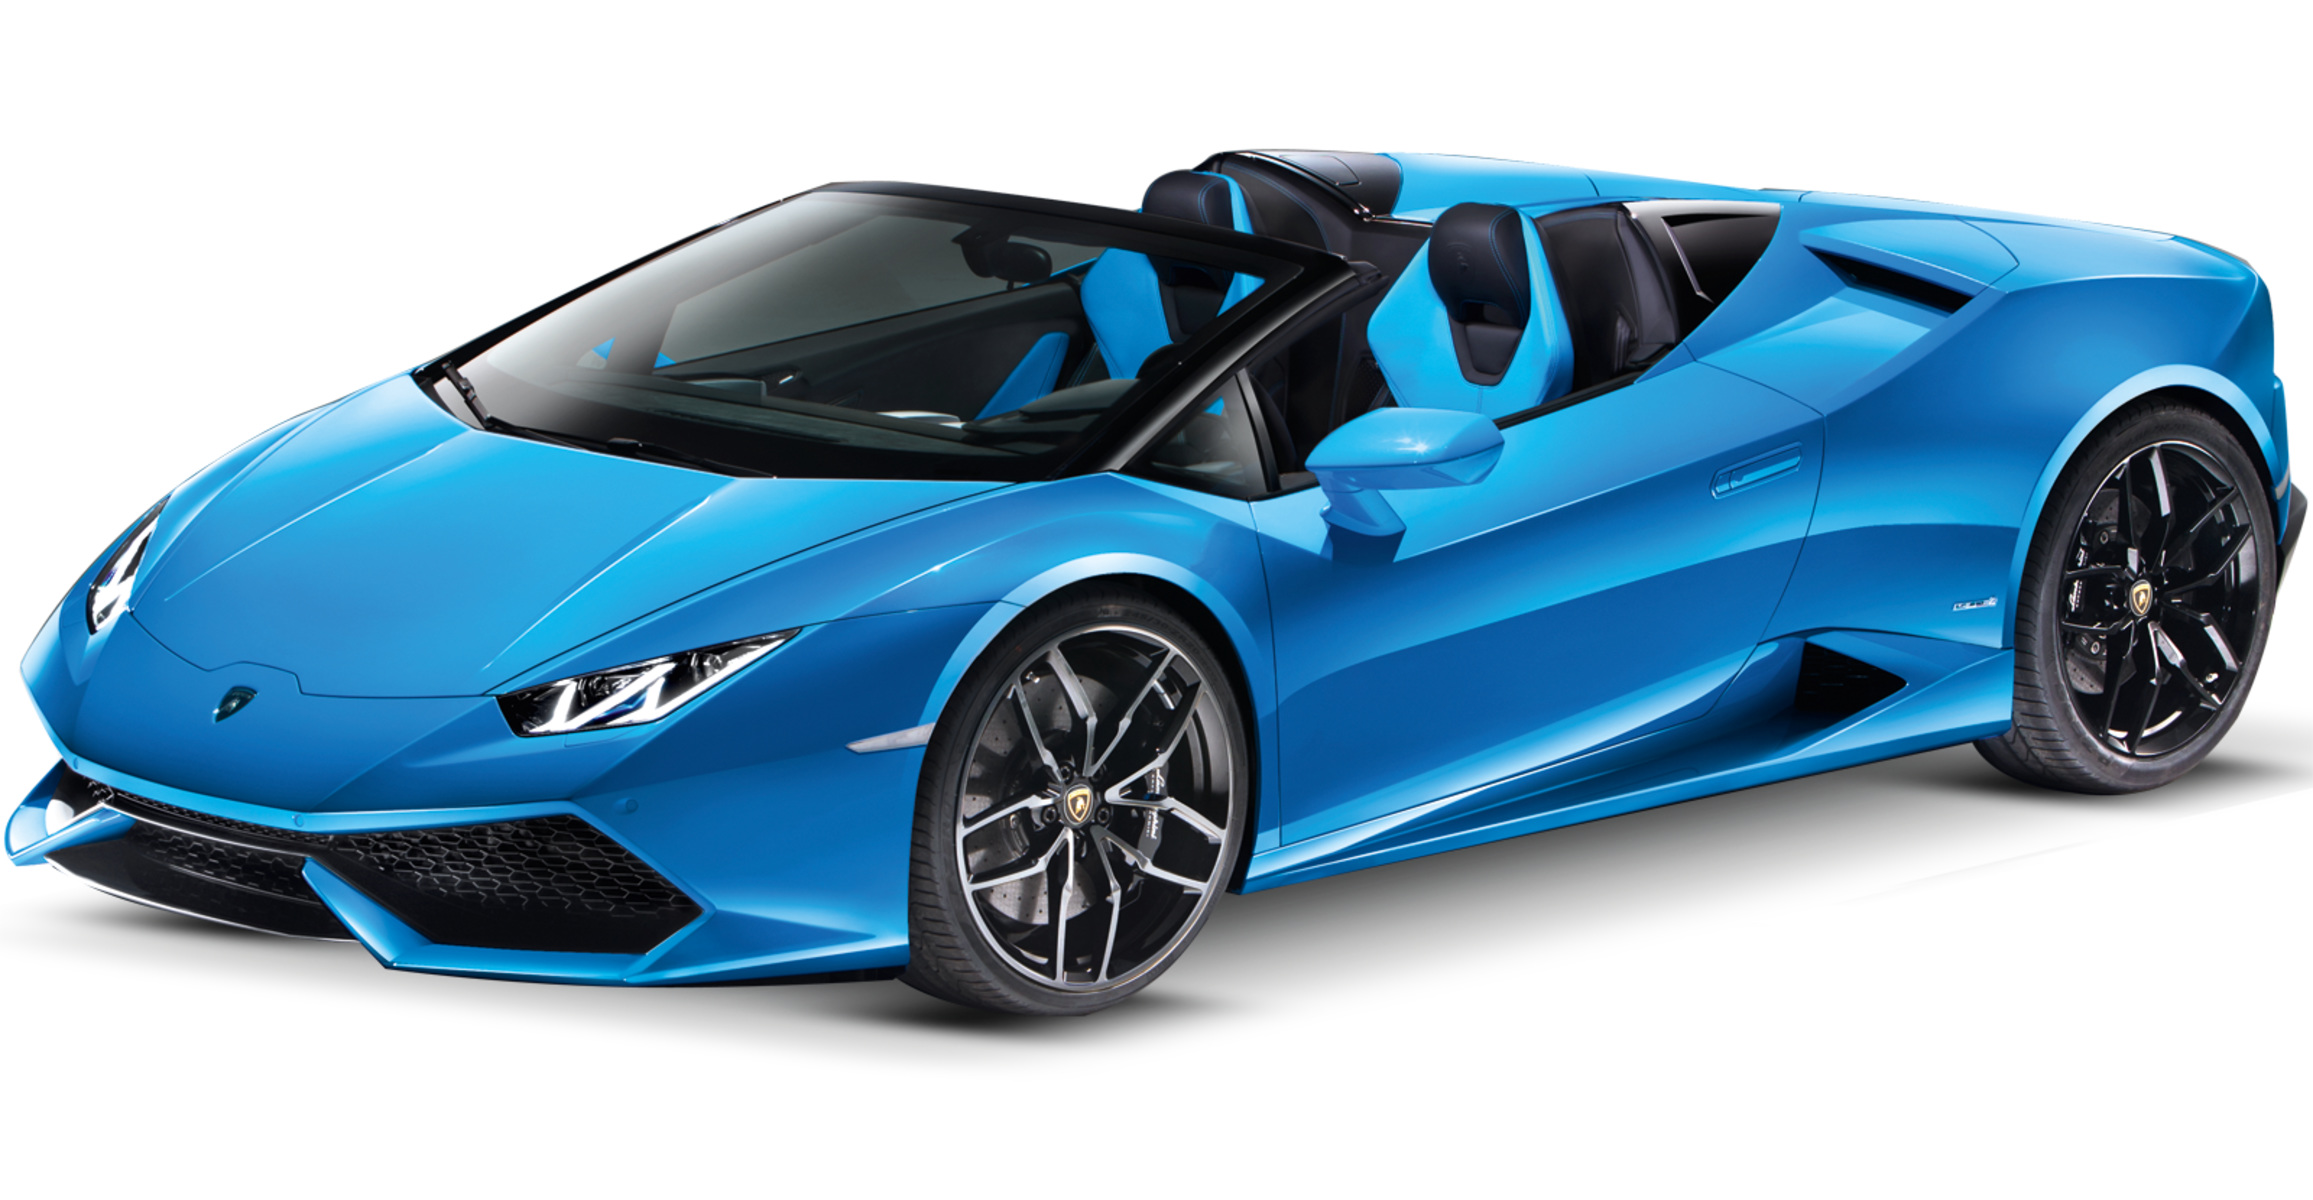 Lamborghini Aventador Spyder >> Listino Lamborghini Huracán Spyder prezzo - scheda tecnica - consumi - foto - AlVolante.it